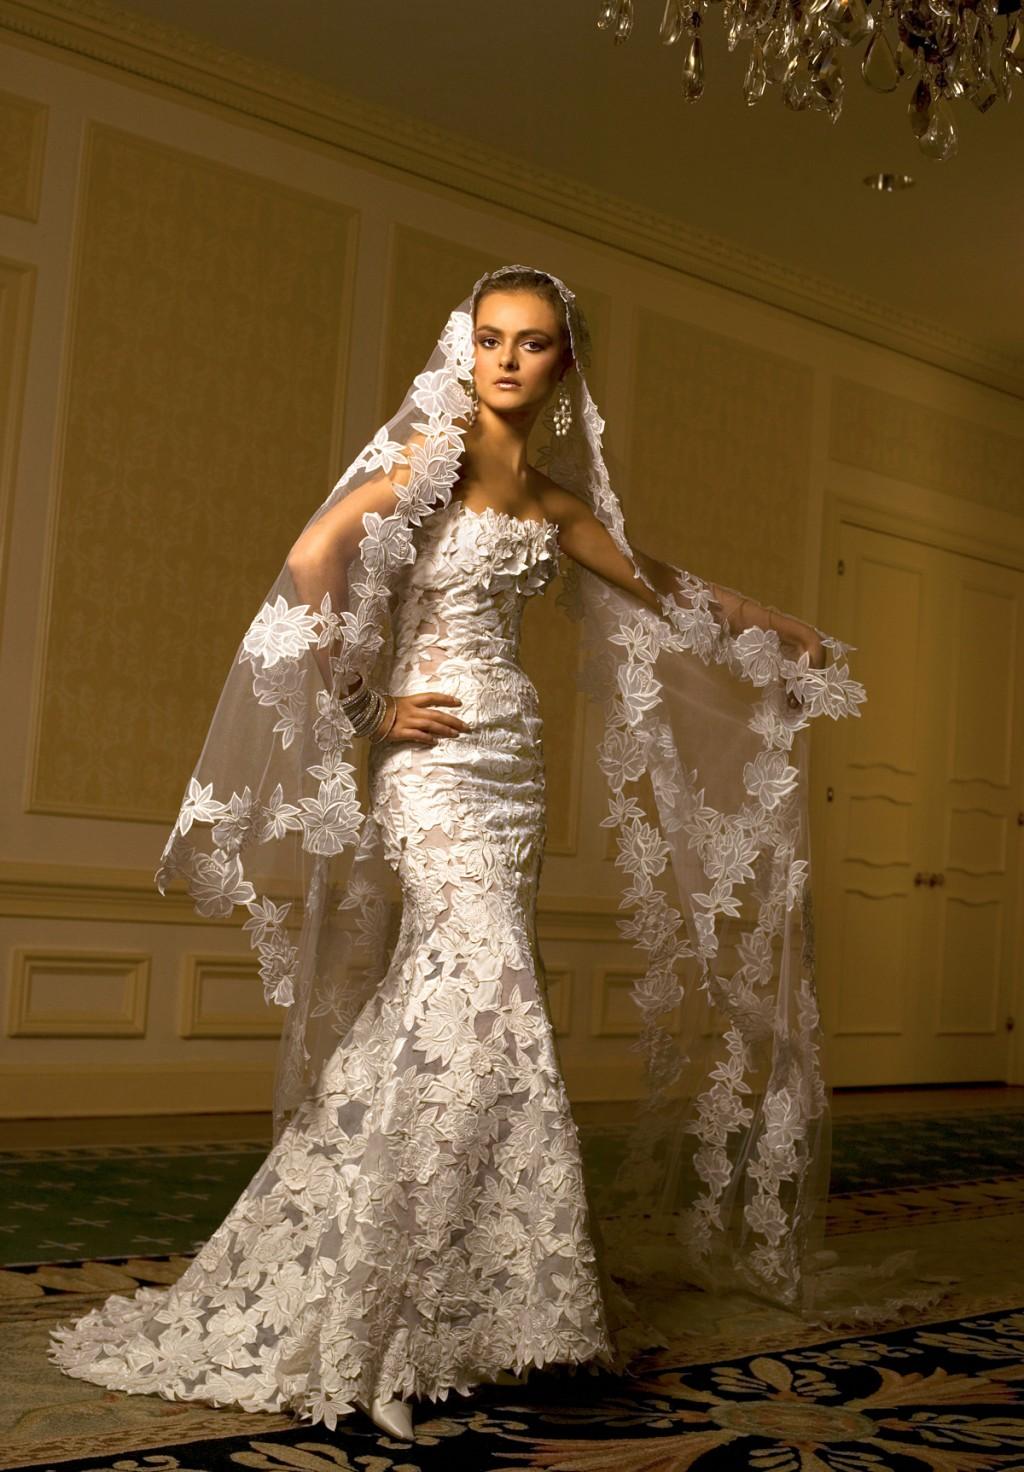 Трахает в свадебном платье 18 фотография